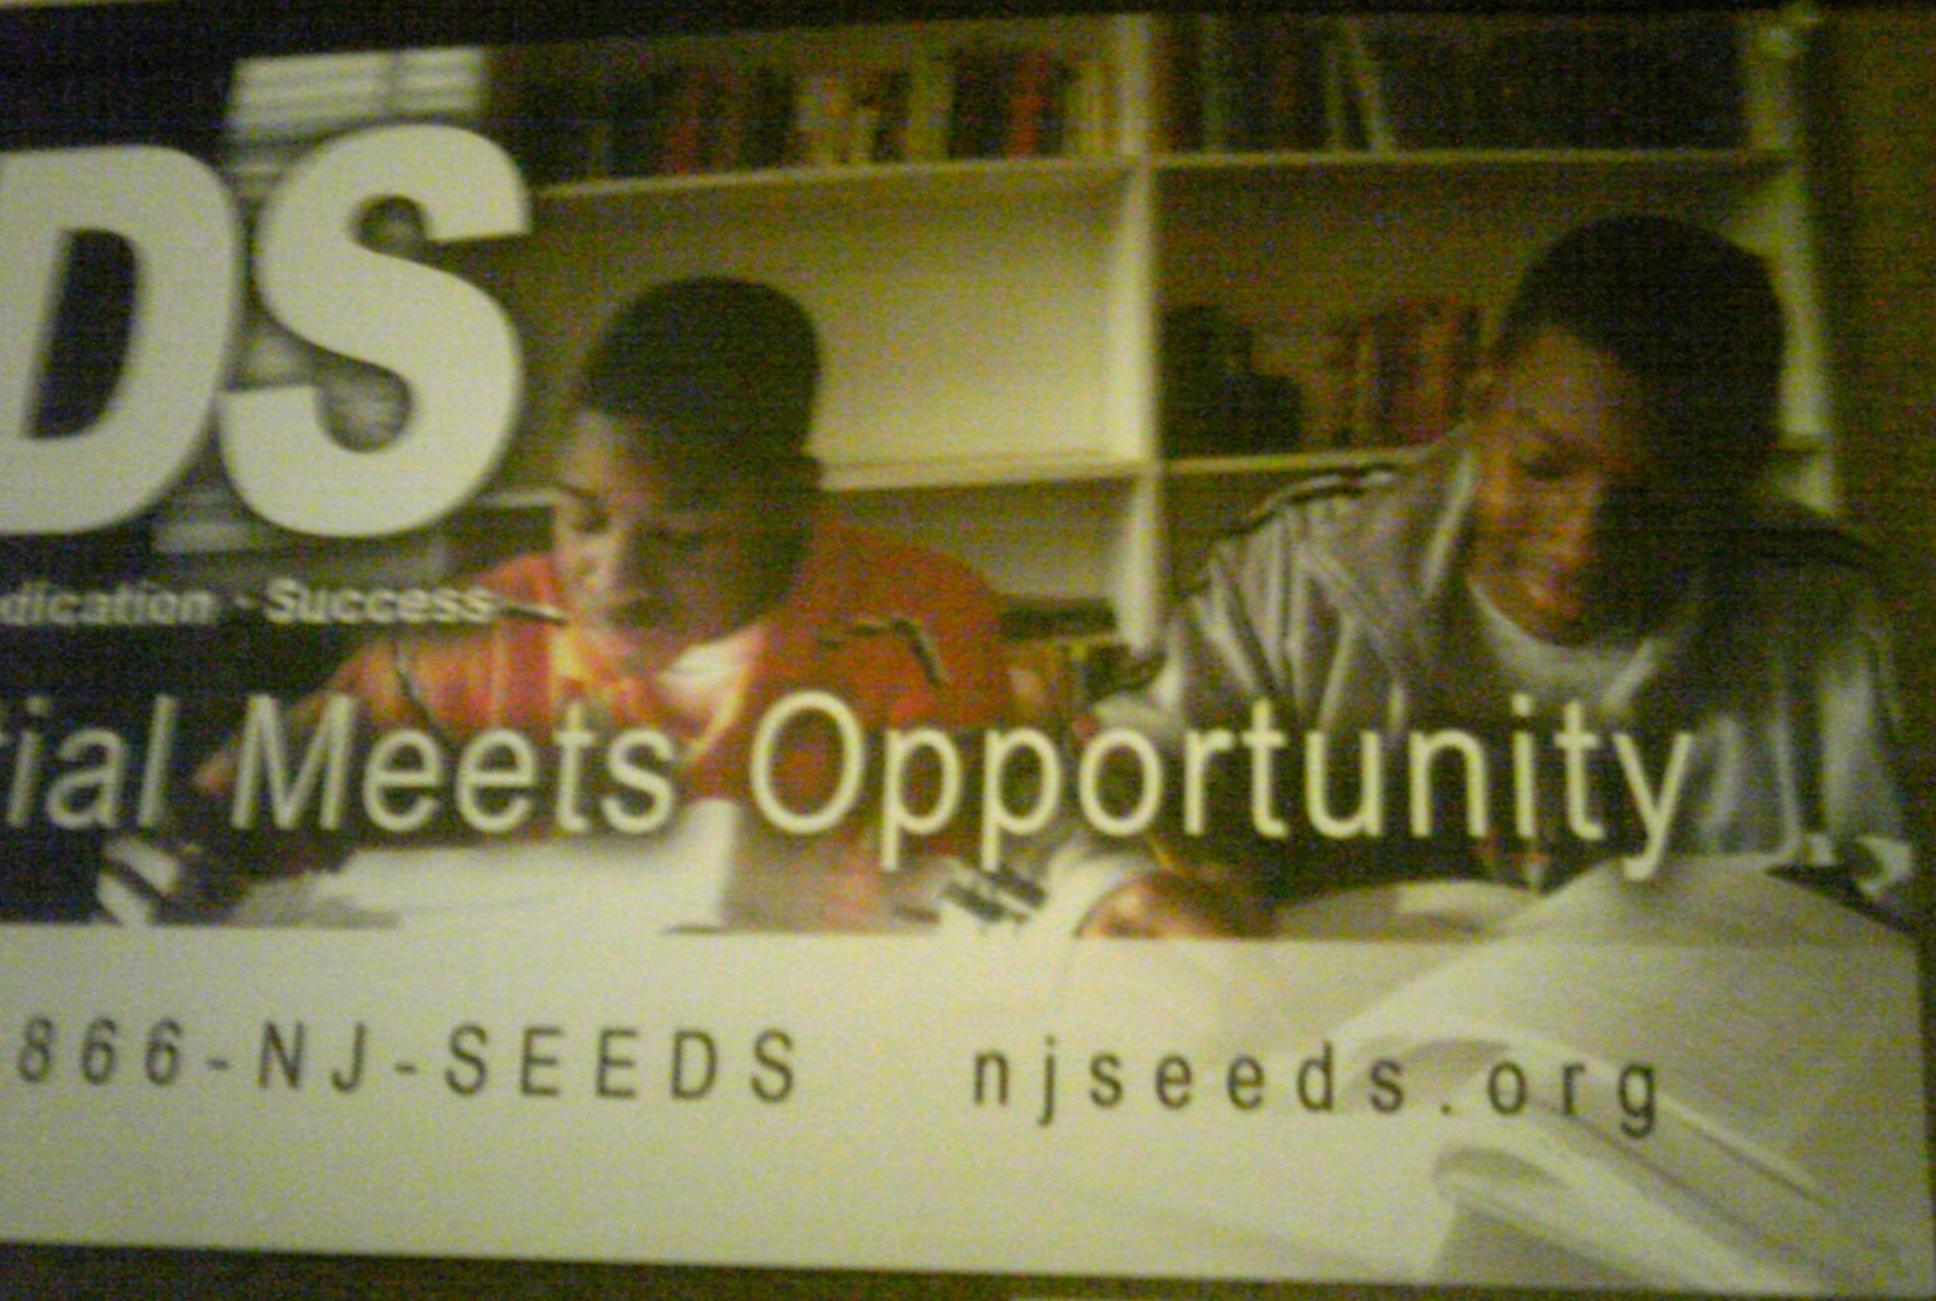 3. Seeds!